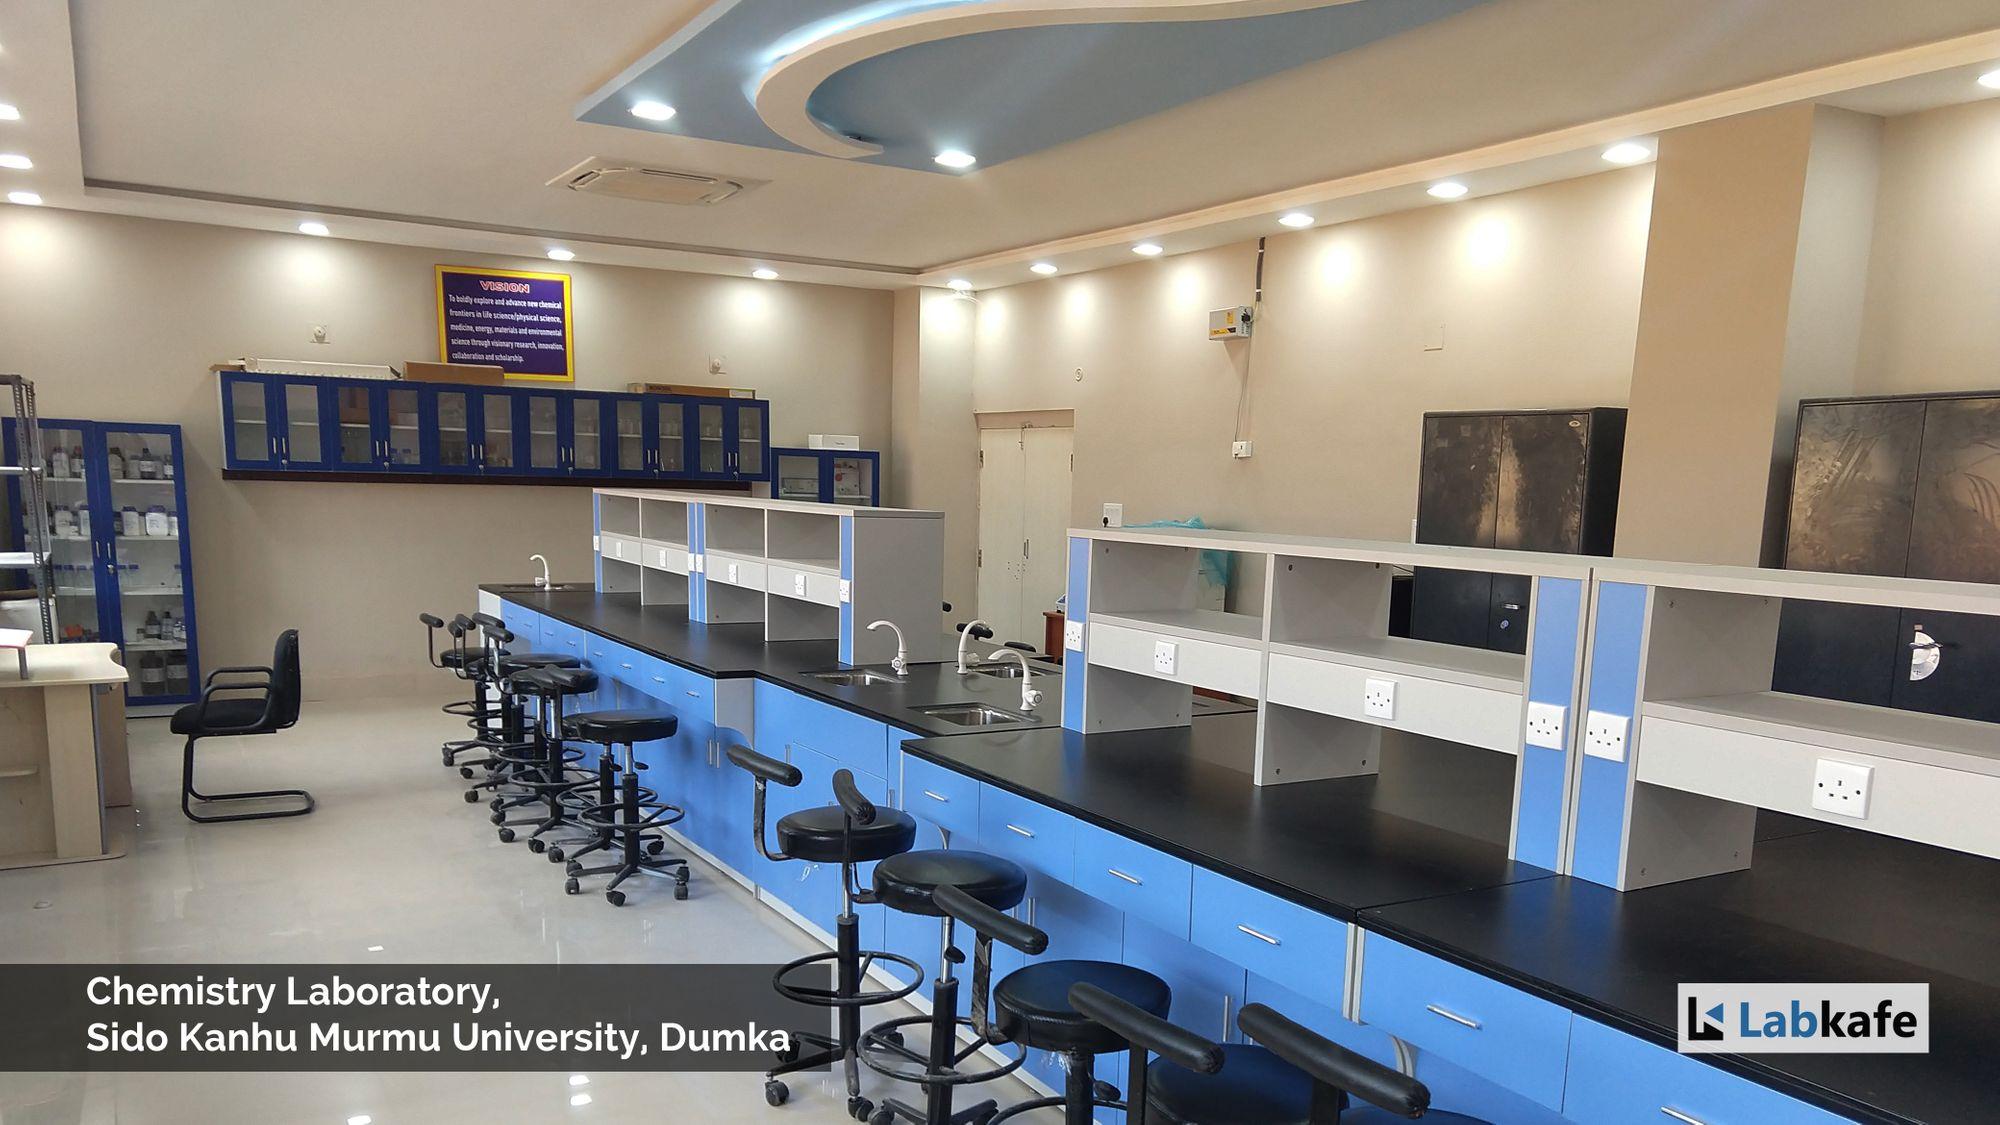 Labkafe, laboratory equipment installed at Sido Kanhu Murmu University.